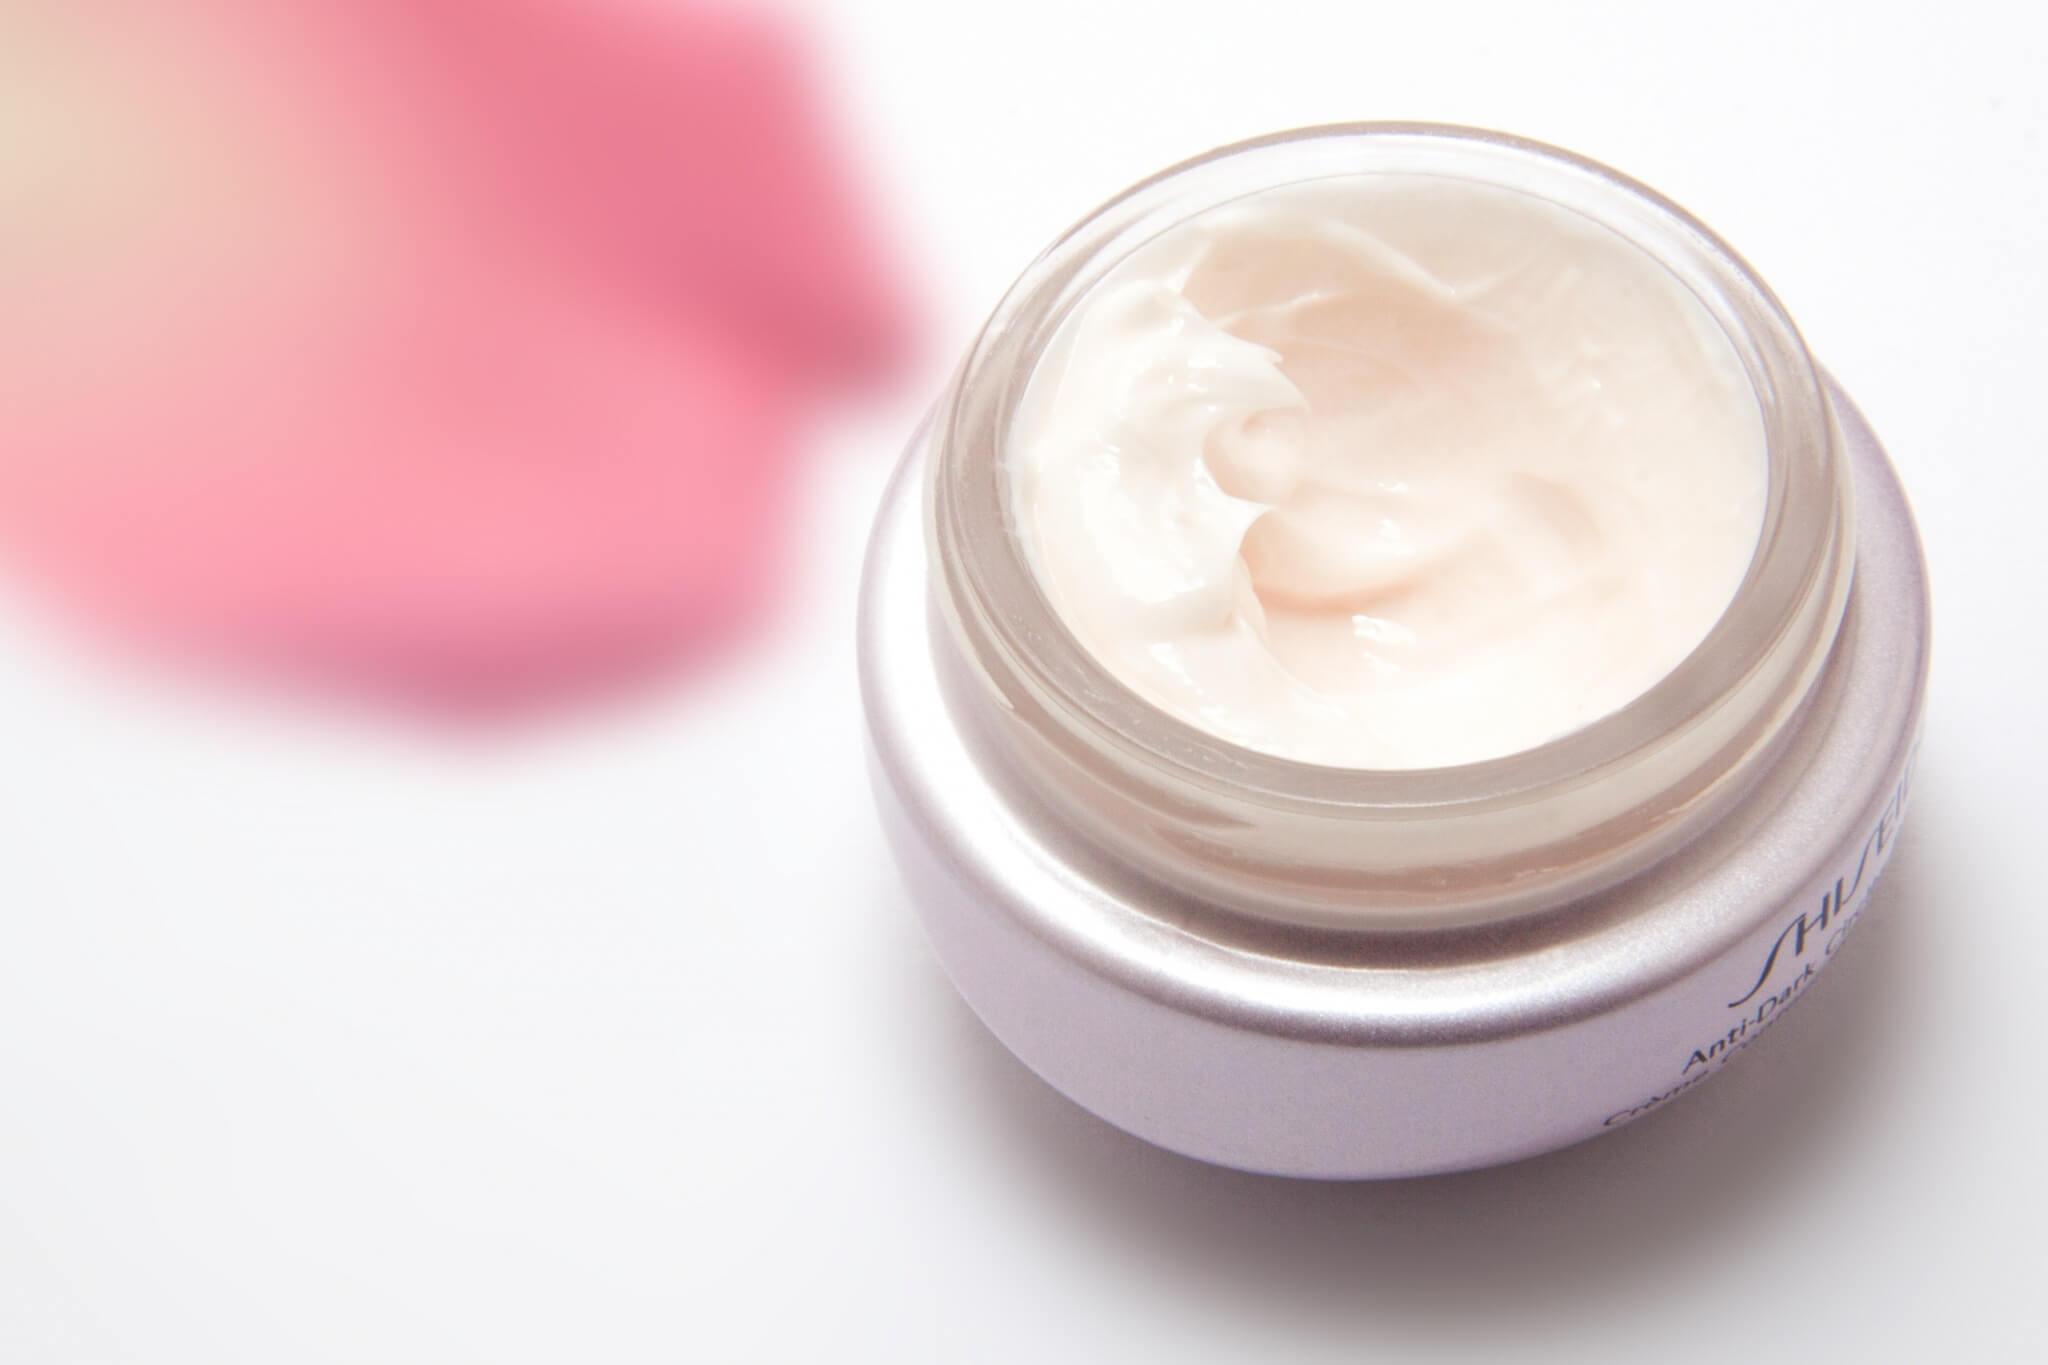 cremas faciales rosacea